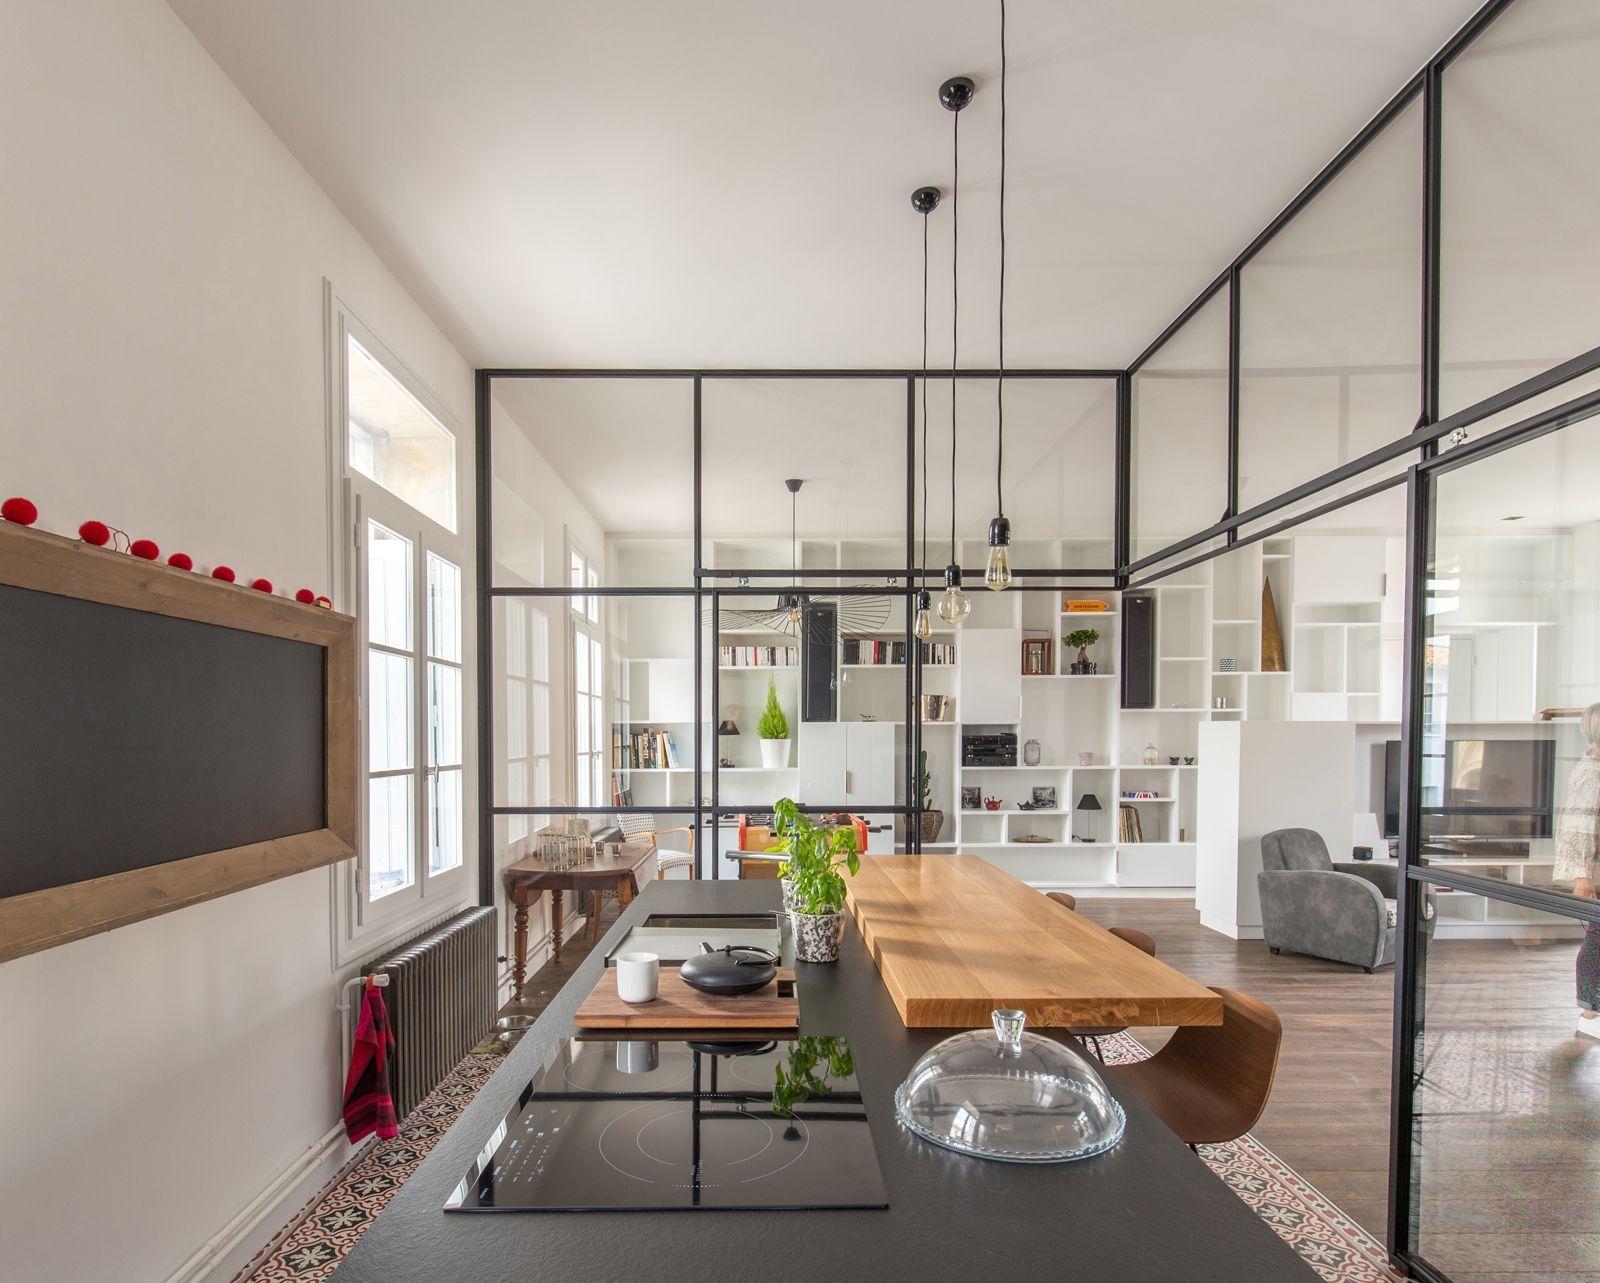 Une rénovation en profondeur à Montpellier - PLANETE DECO a homes ...